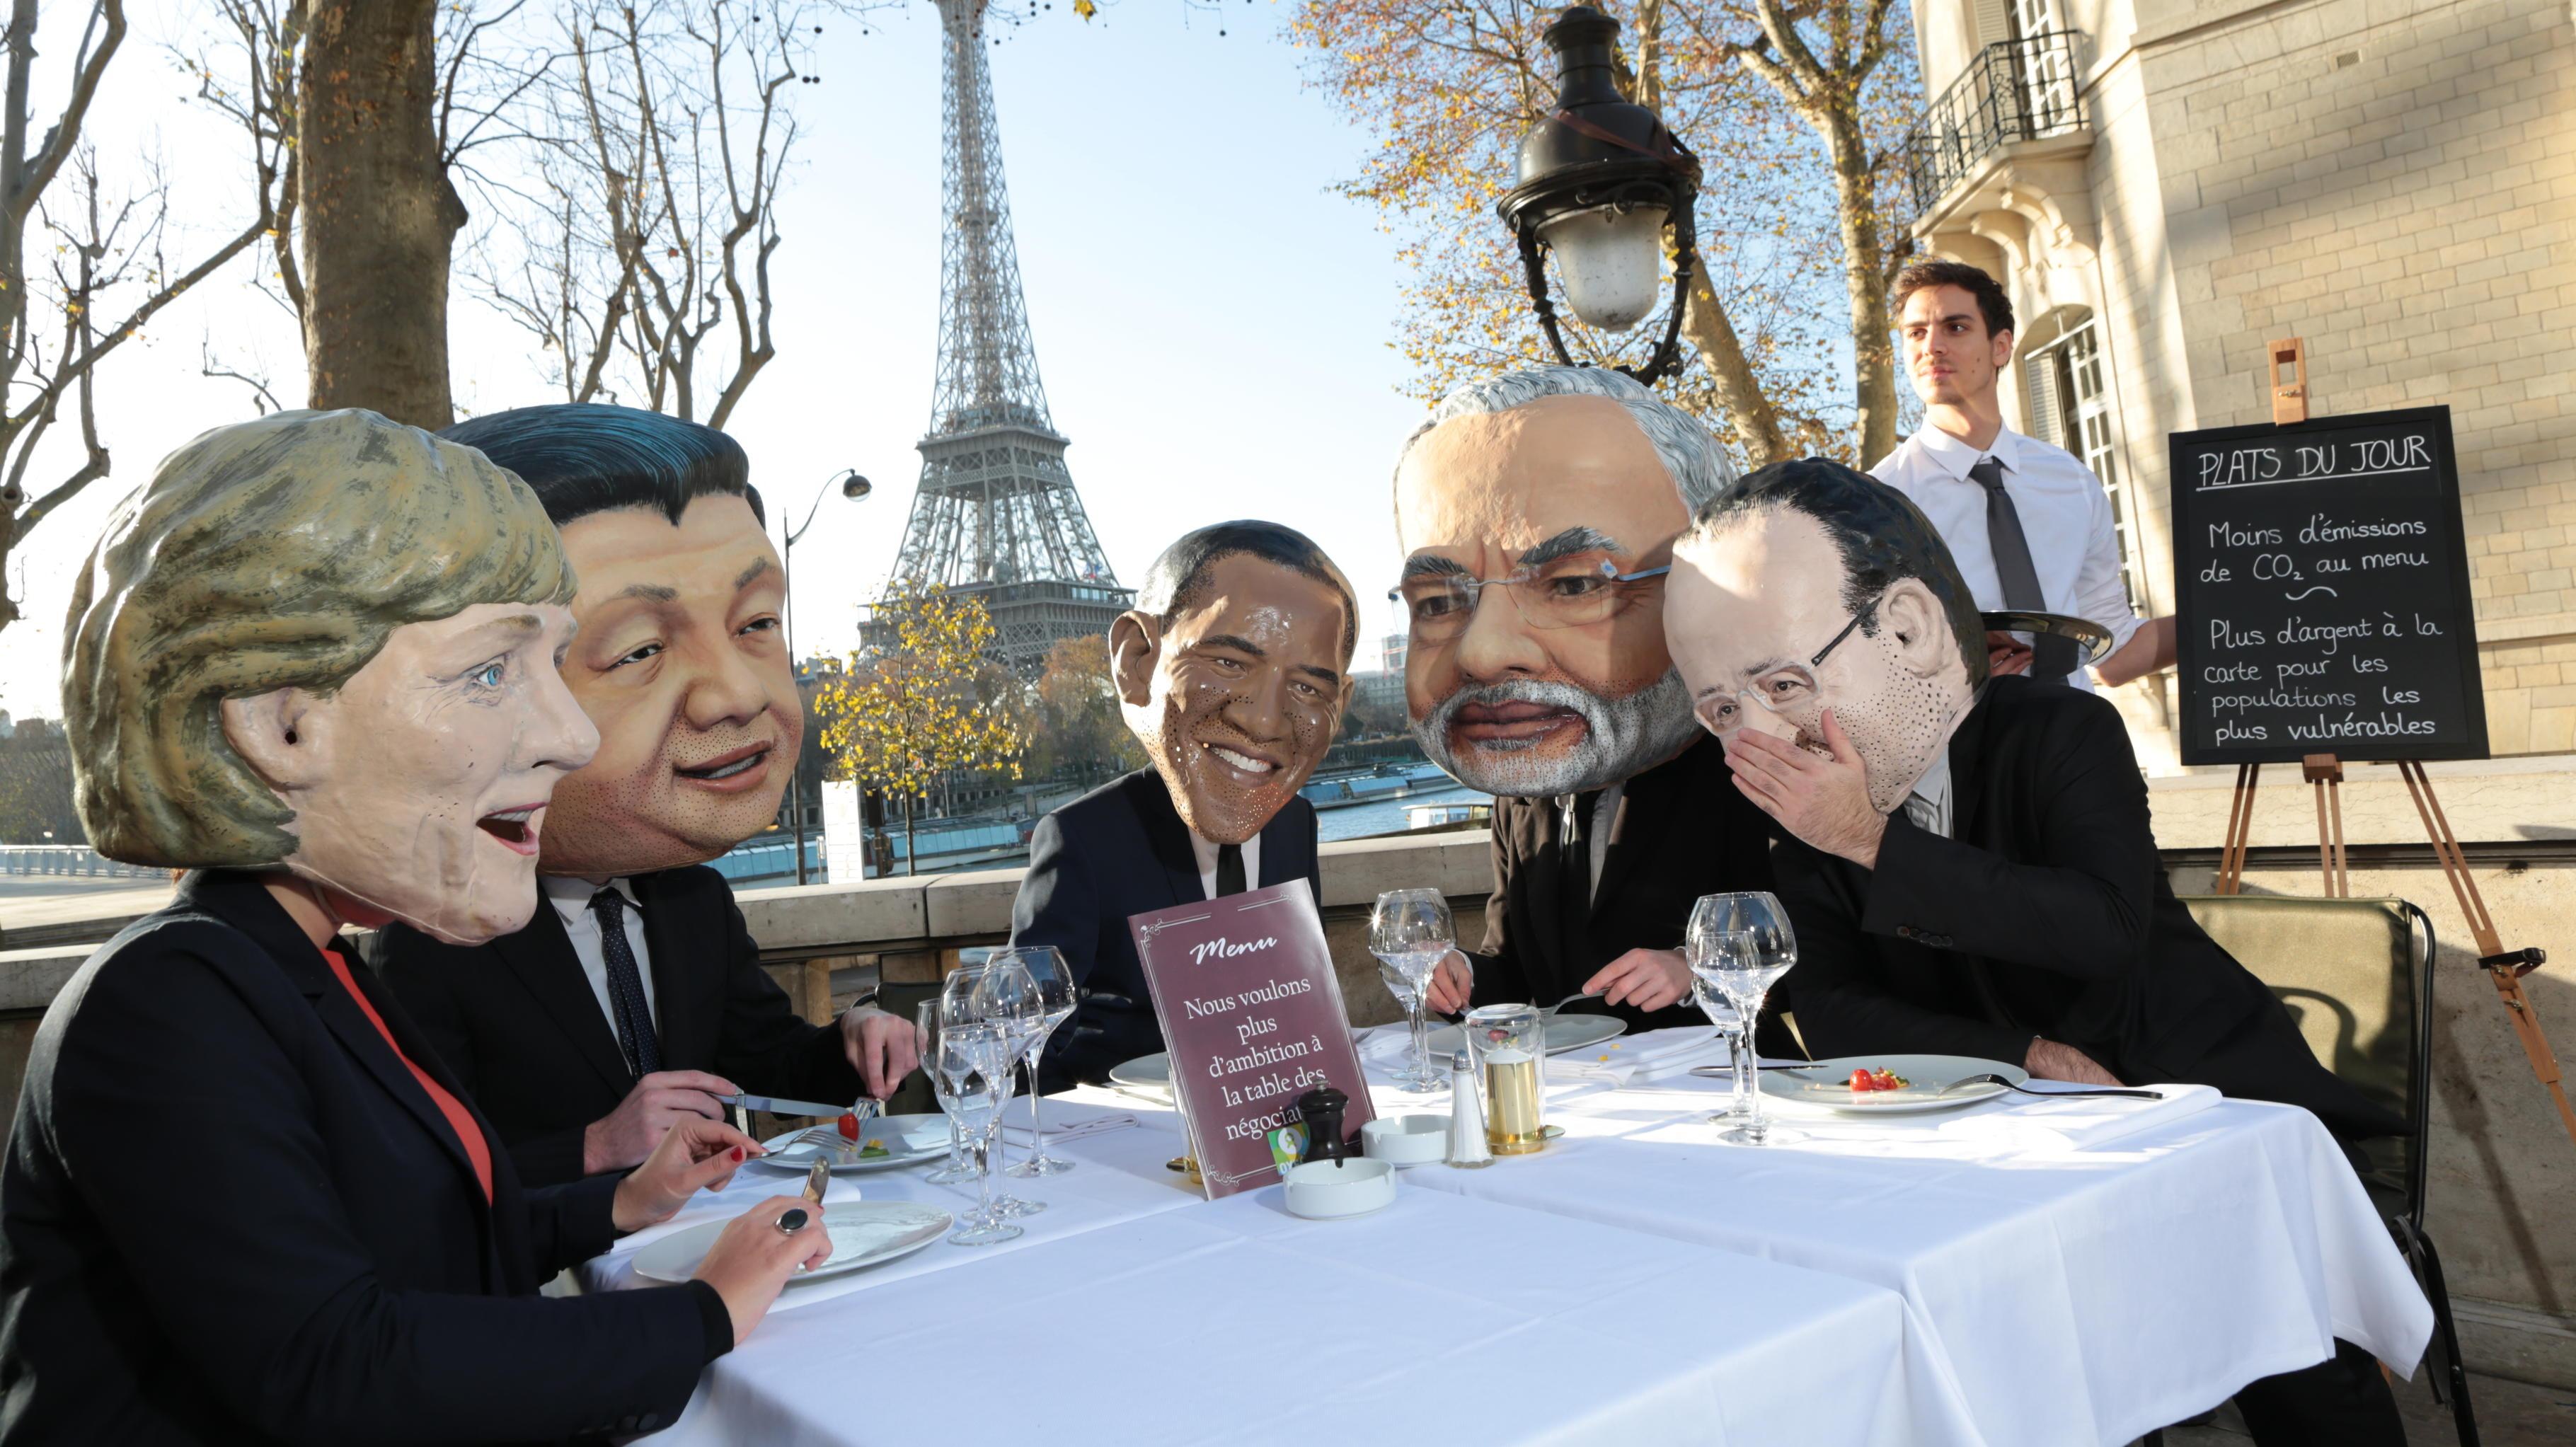 Oxfam-Stunt zum Auftakt der Klimakonferenz in Paris, 28.11.2015